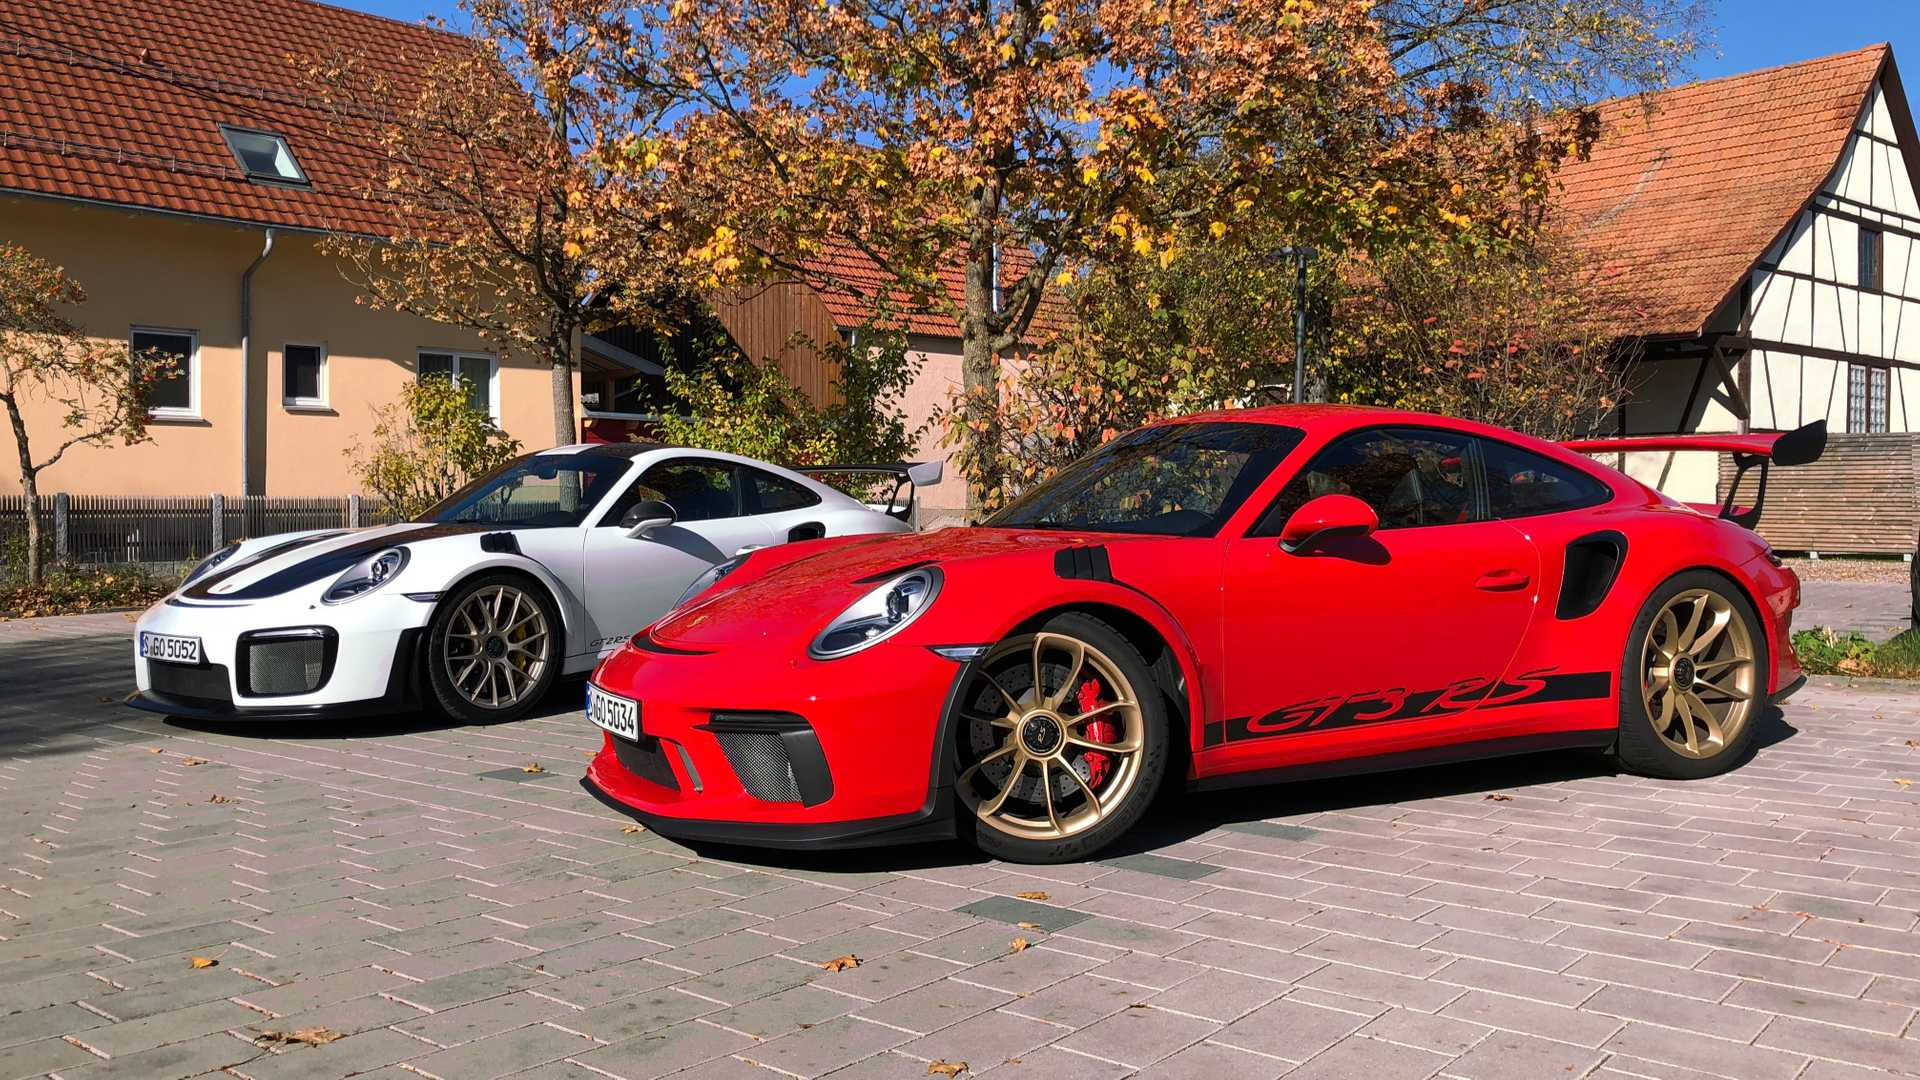 Porsche Gt2 Rs E Gt3 Rs Aceleramos Os 911 Mais Radicais Nas Estradas Sem Limite De Velocidade